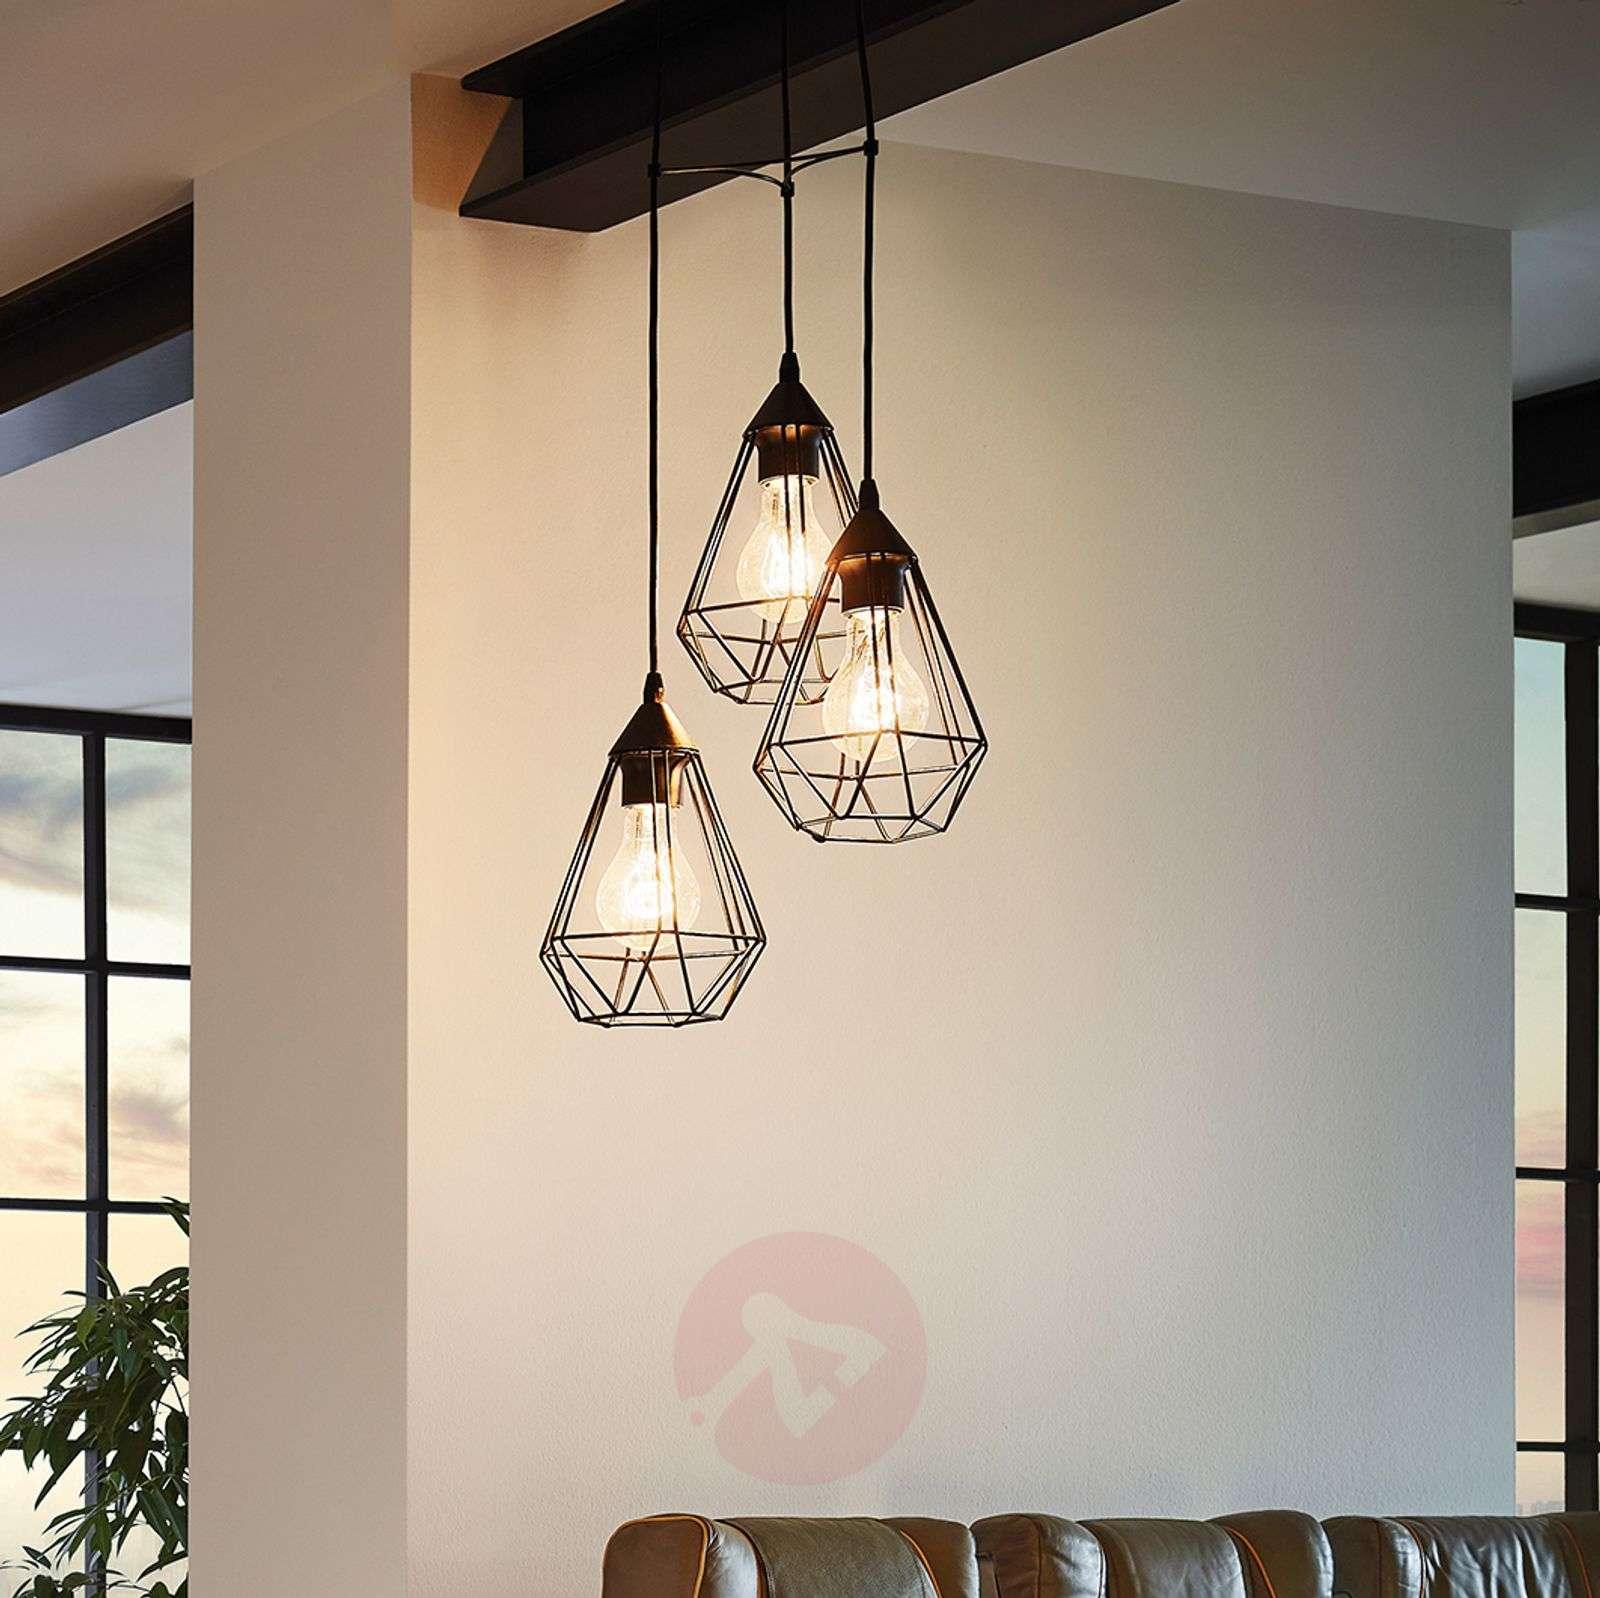 3 Bulb Vintage Pendant Light Tarbes In Black